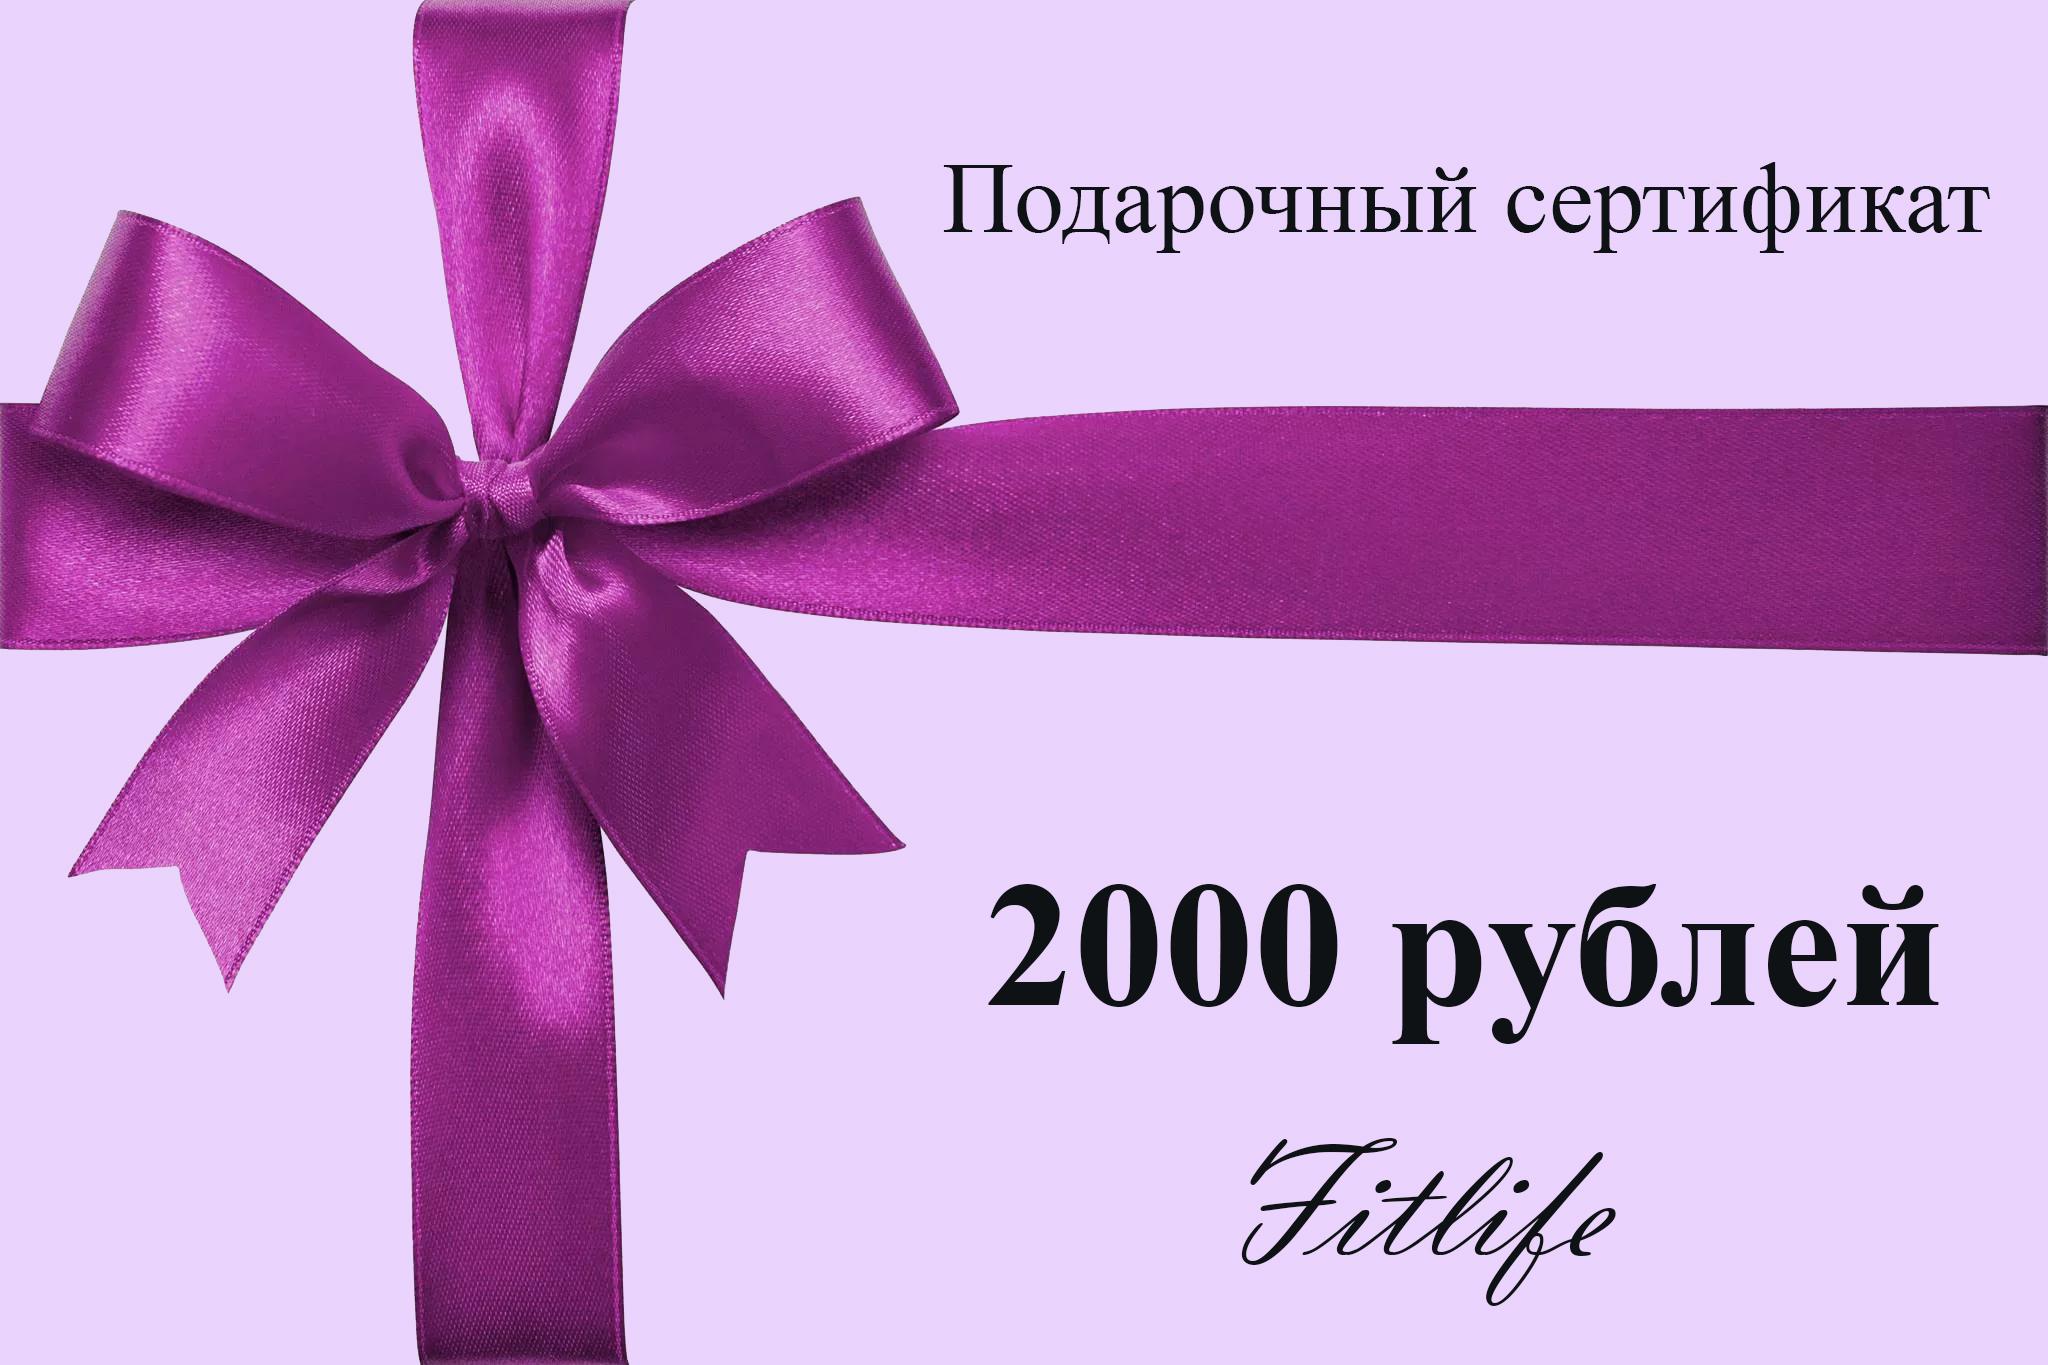 Сертификаты подарочные картинки, спокойной ночи